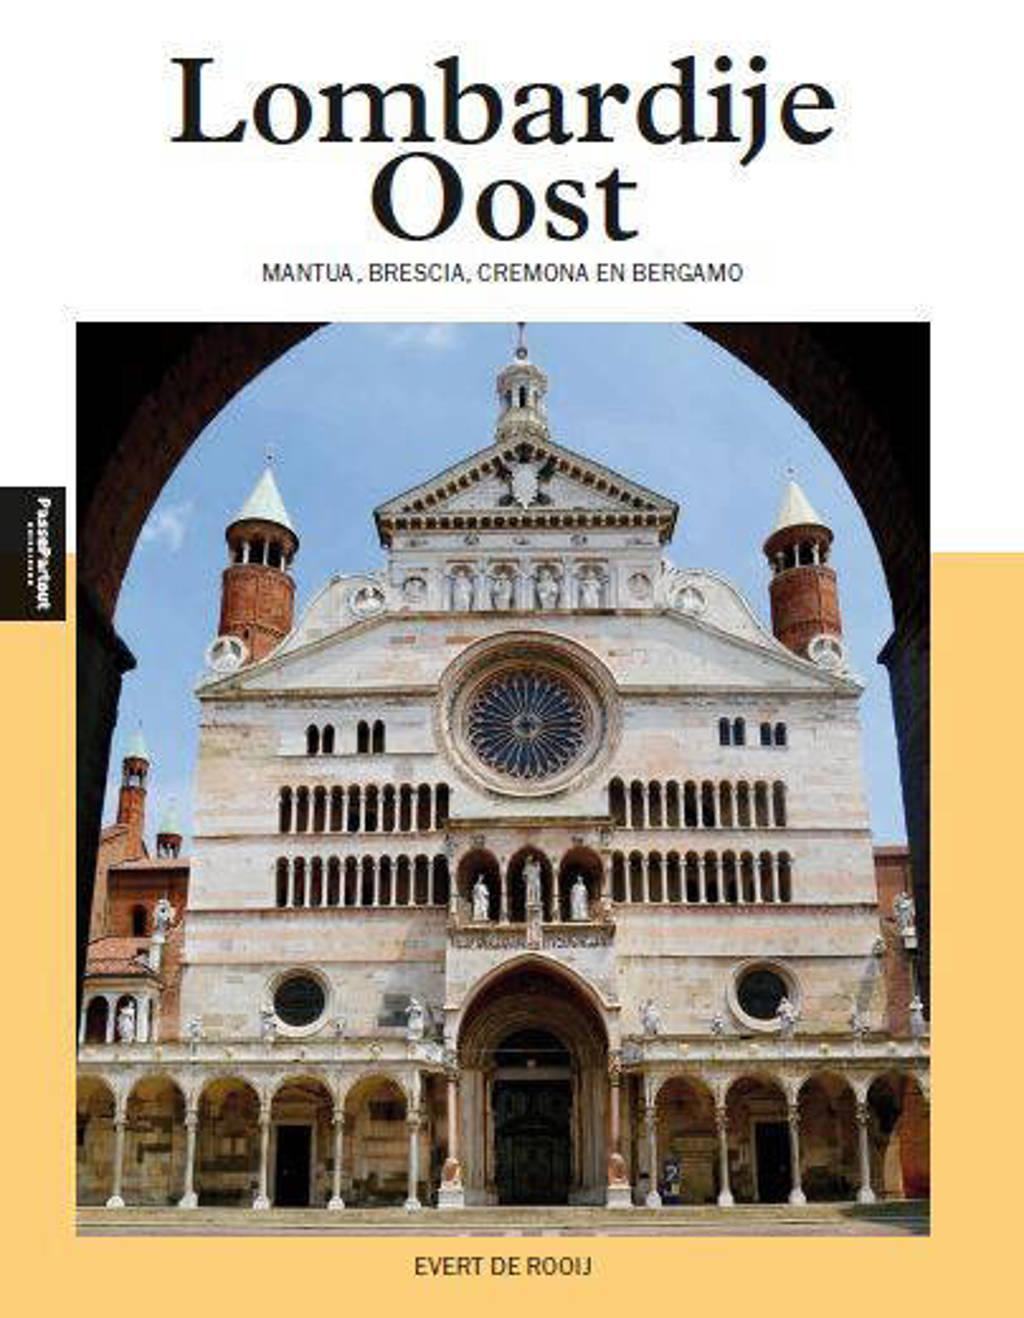 Lombardije Oost - Evert de Rooij